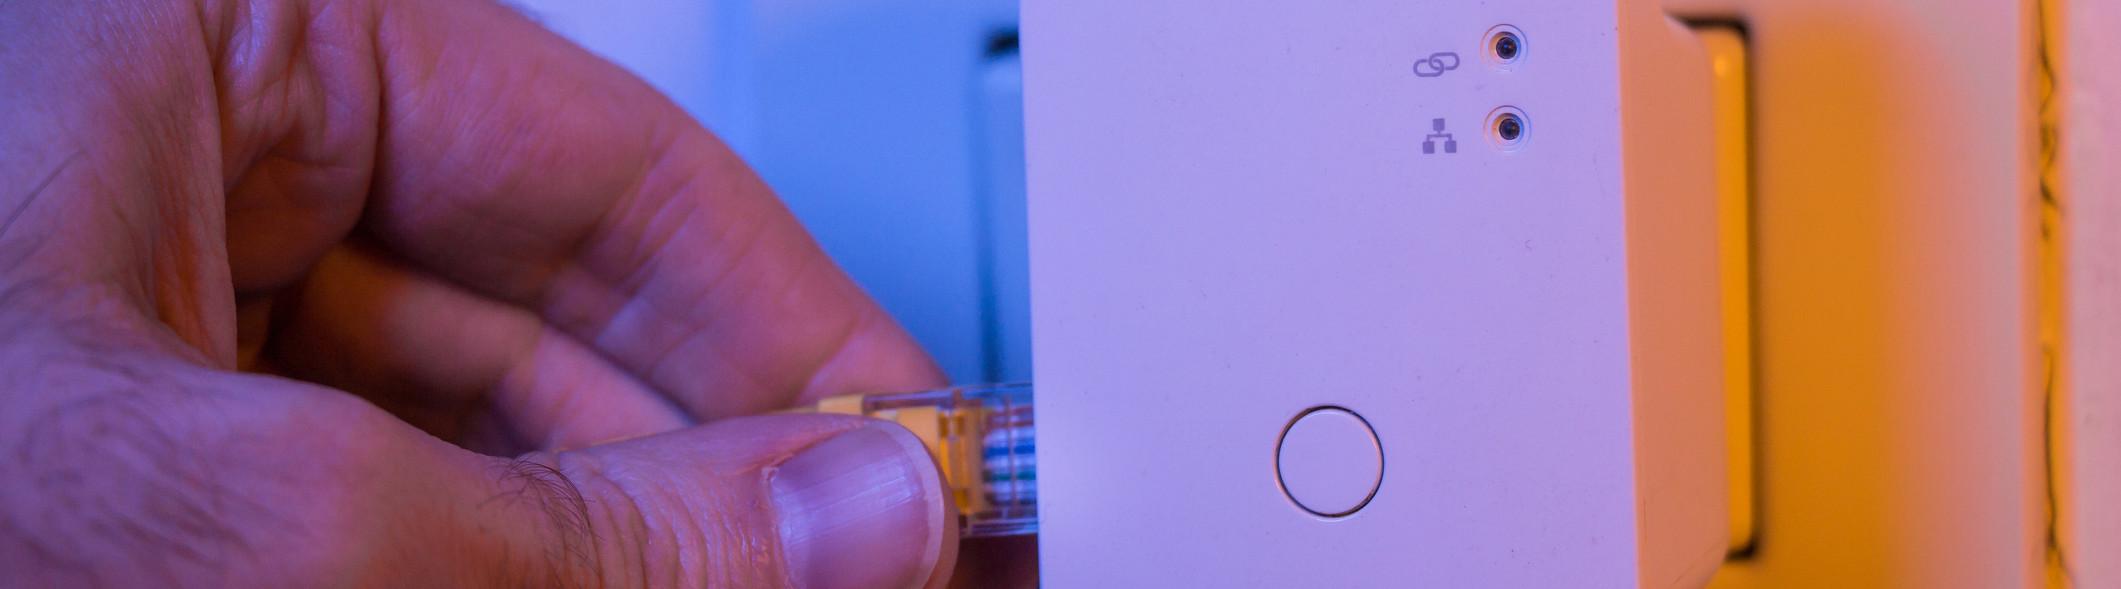 Plug-in WiFi Extender